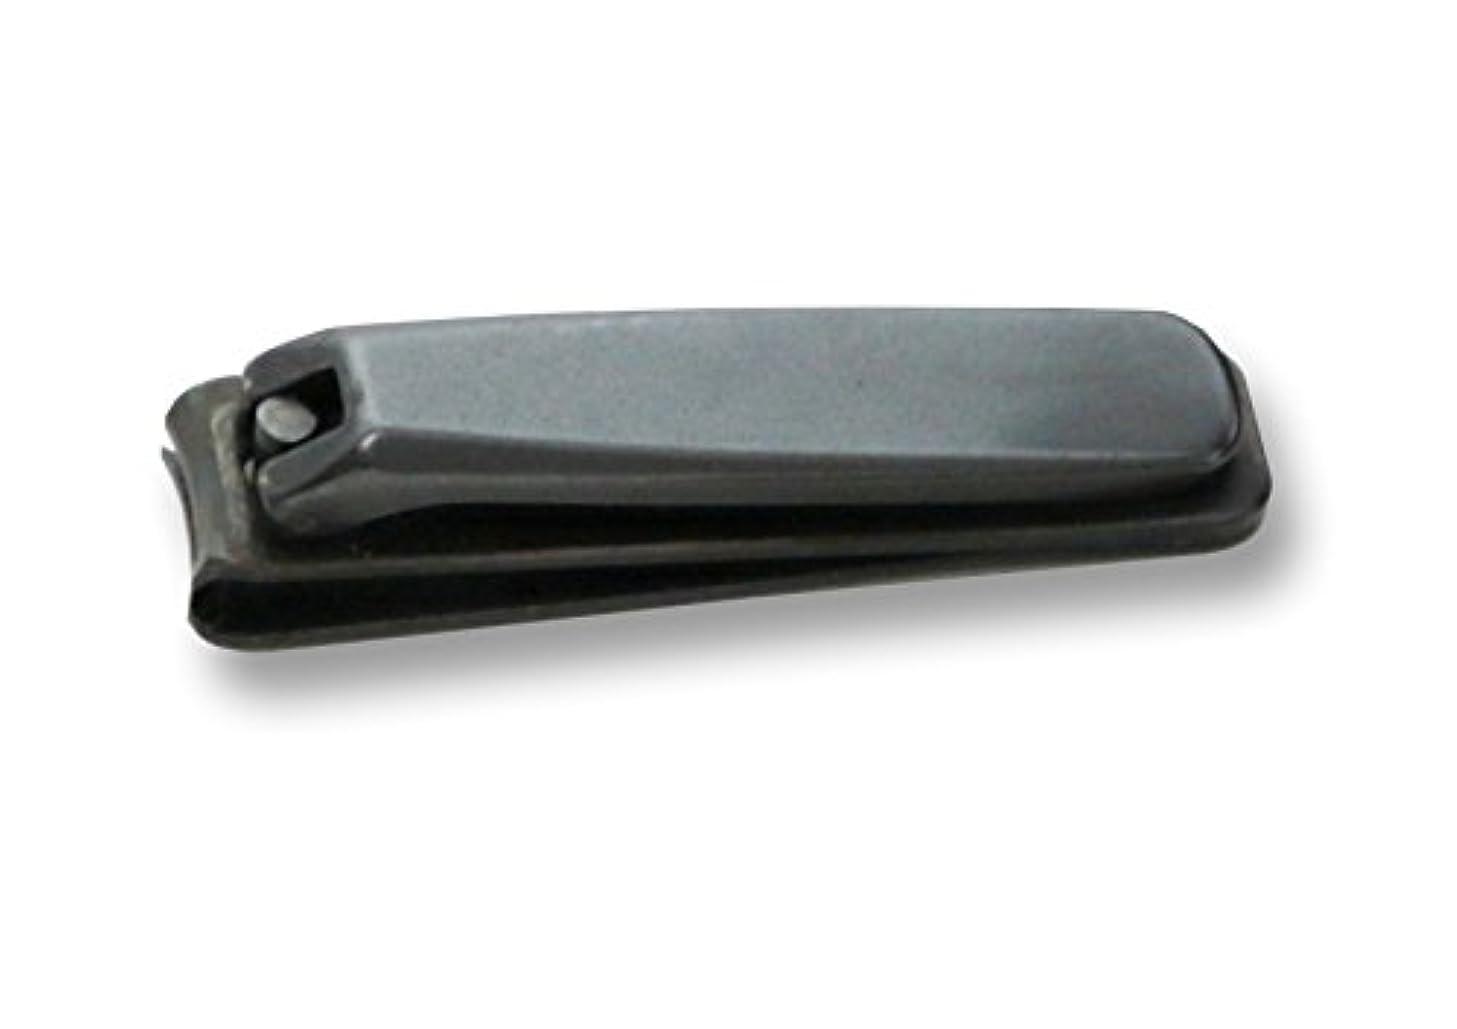 人生を作るトレイファーザーファージュKD-026 関の刃物 ブラック爪切 大 カバー付